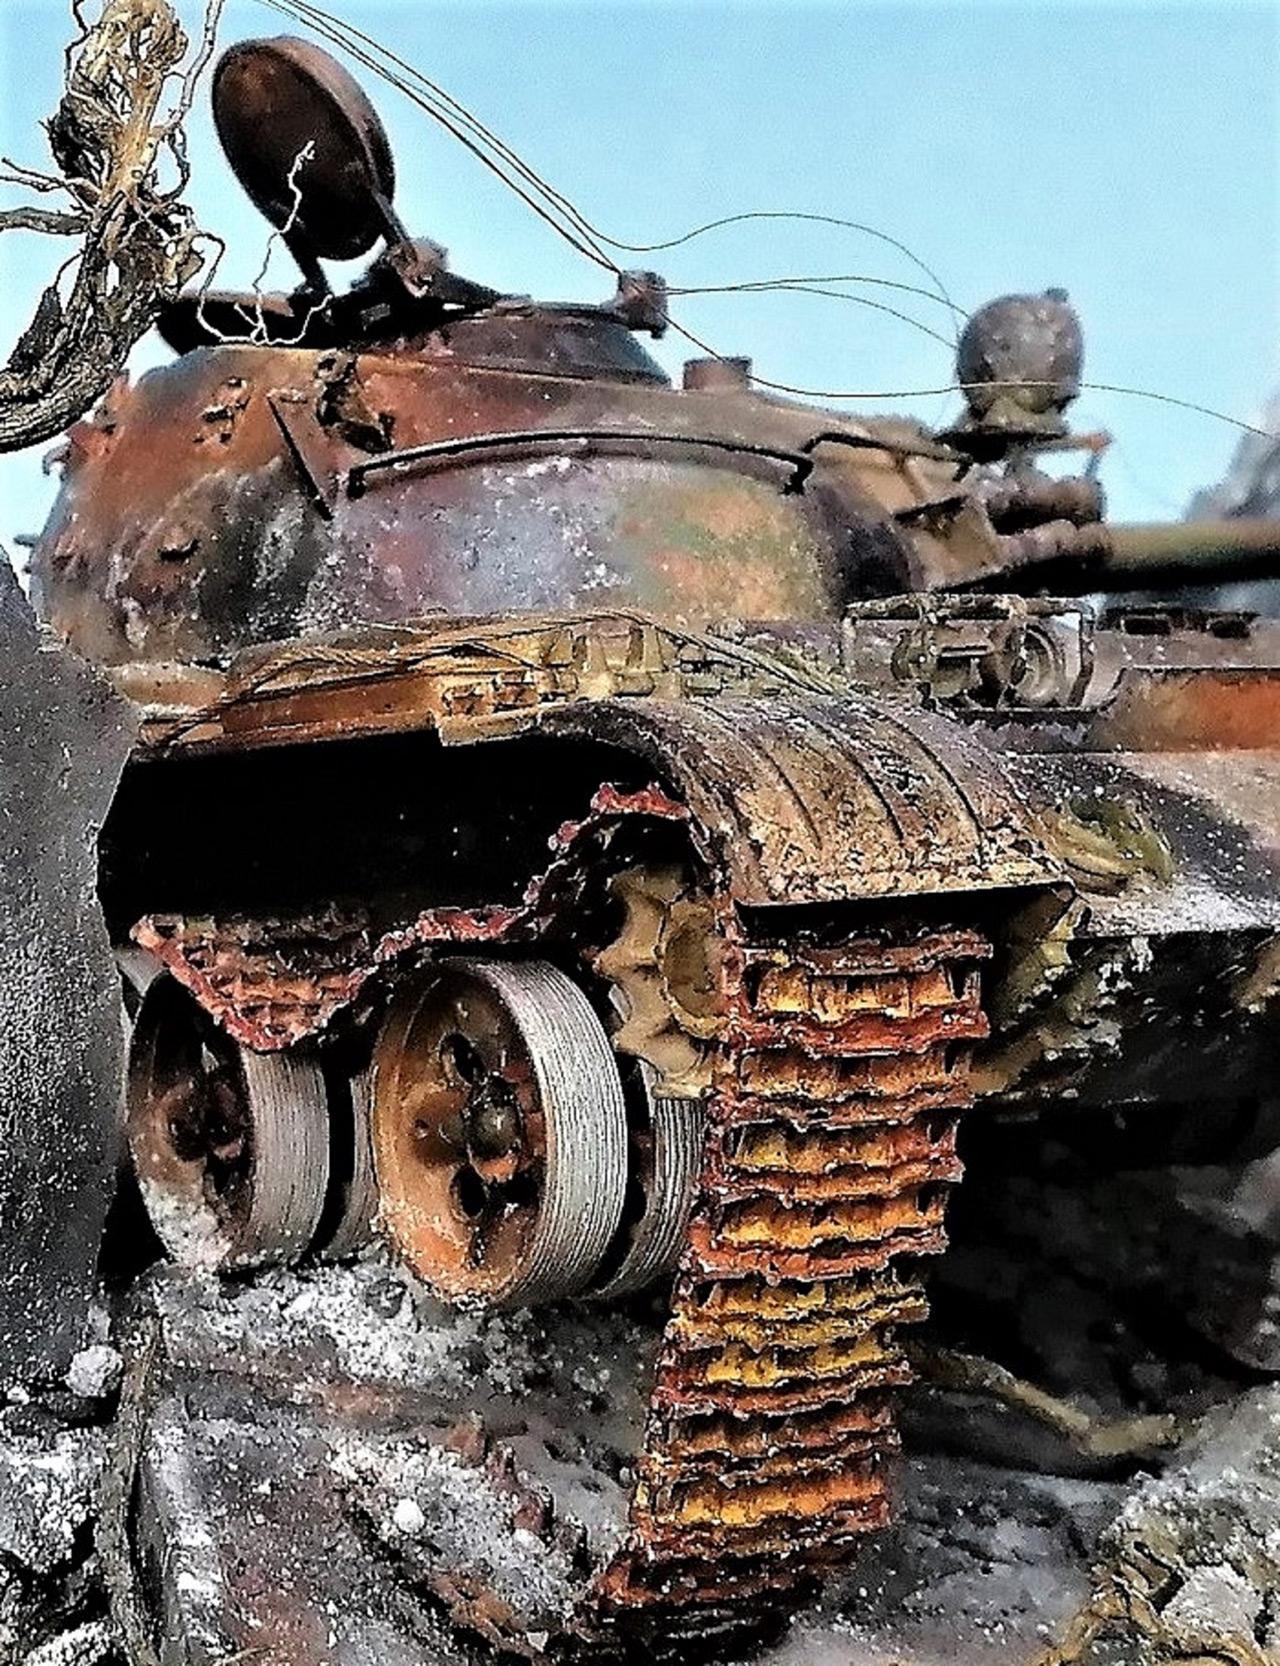 Диорамы и виньетки: Сквозь огонь истории, фото #31